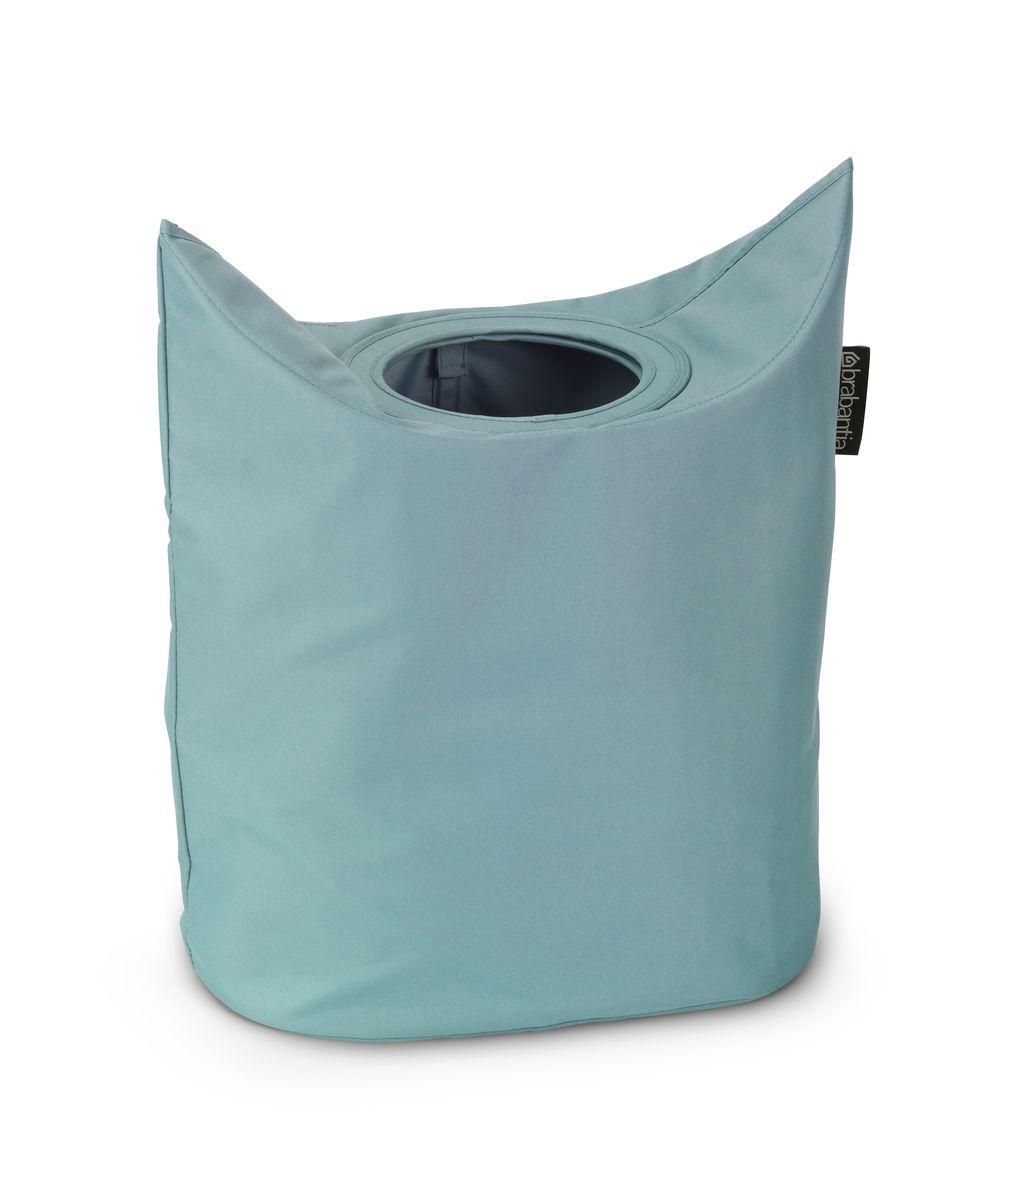 Сумка для белья Brabantia, цвет: мятный, 50 л. 102509106-029Оригинальная сумка для белья Brabantia экономит место и превращает вашу стирку в увлекательное занятие. С помощью складывающихся магнитных ручек сумка закрывается и превращается в корзину для белья с загрузочным отверстием. Собрались стирать? Поднимите ручки, и ваша сумка готова к использованию. Особенности: Загрузочное отверстие для быстрой загрузки белья – просто сложите магнитные ручки; Большие удобные ручки для переноски; Удобно загружать белье в стиральную машину – большая вместимость и широкое отверстие; 2 года гарантии Brabantia; Объем 50 л.